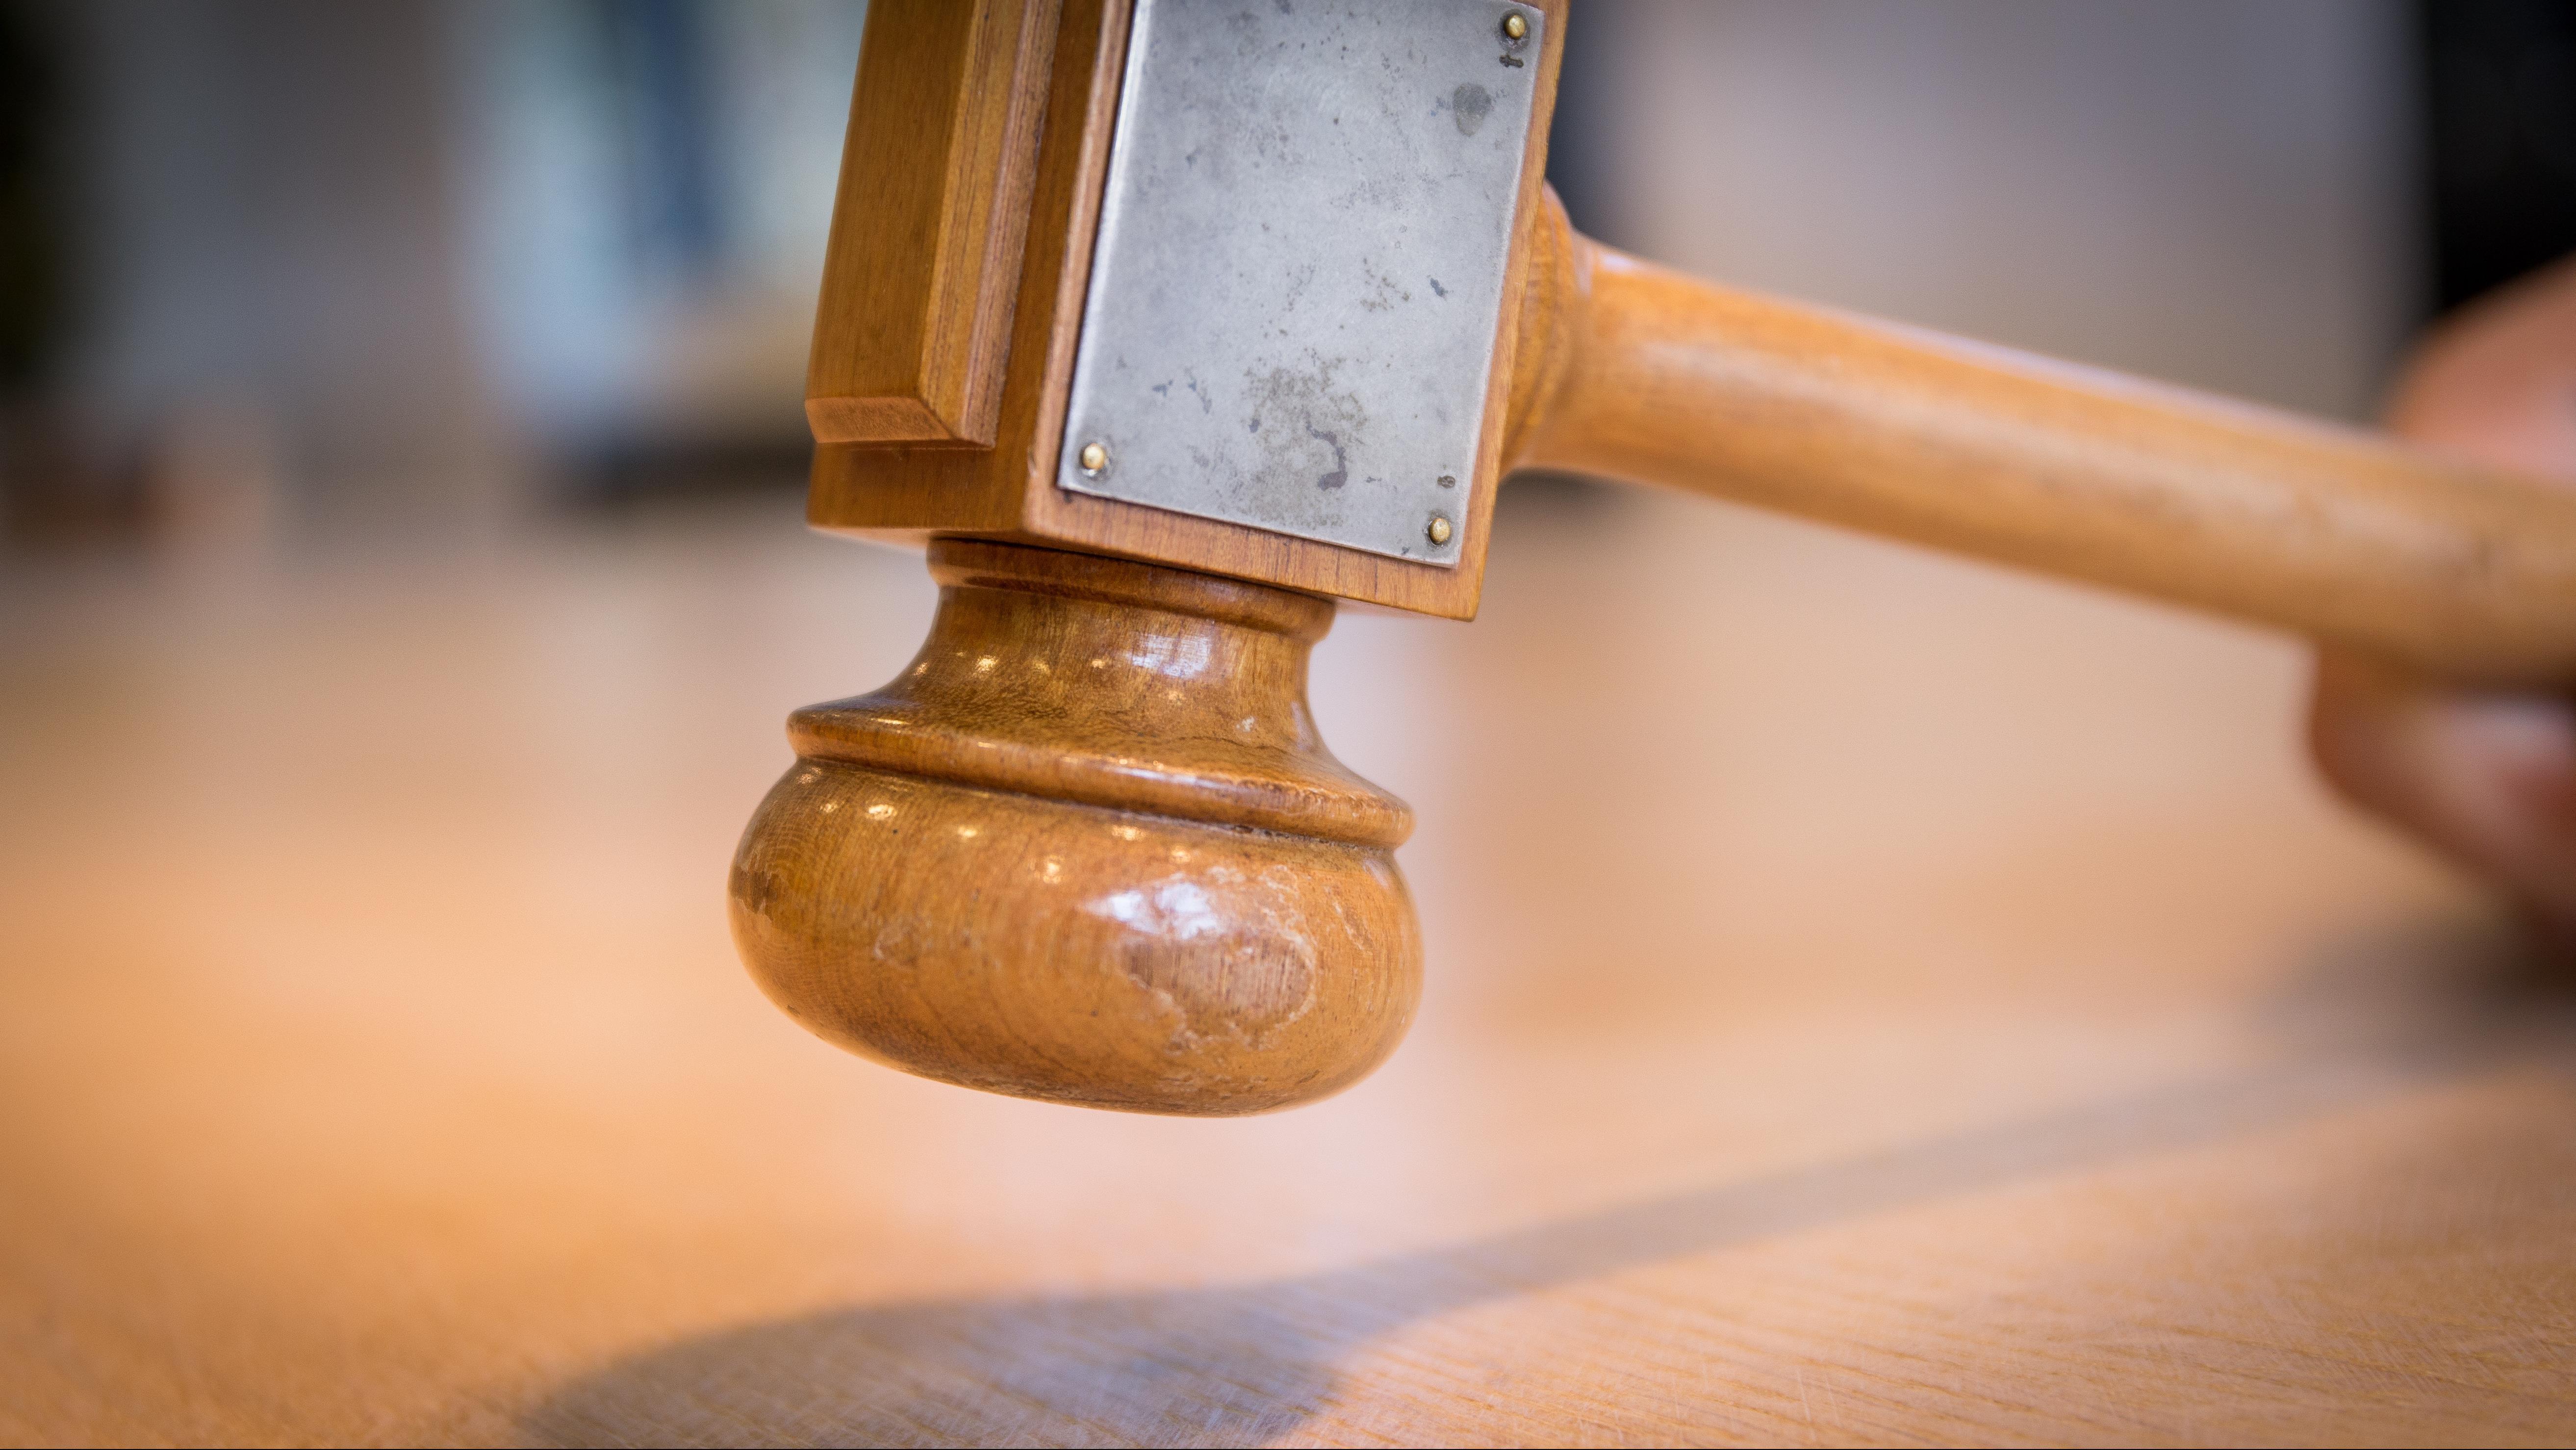 Twaalf bedrijven in Overijssel failliet verklaard